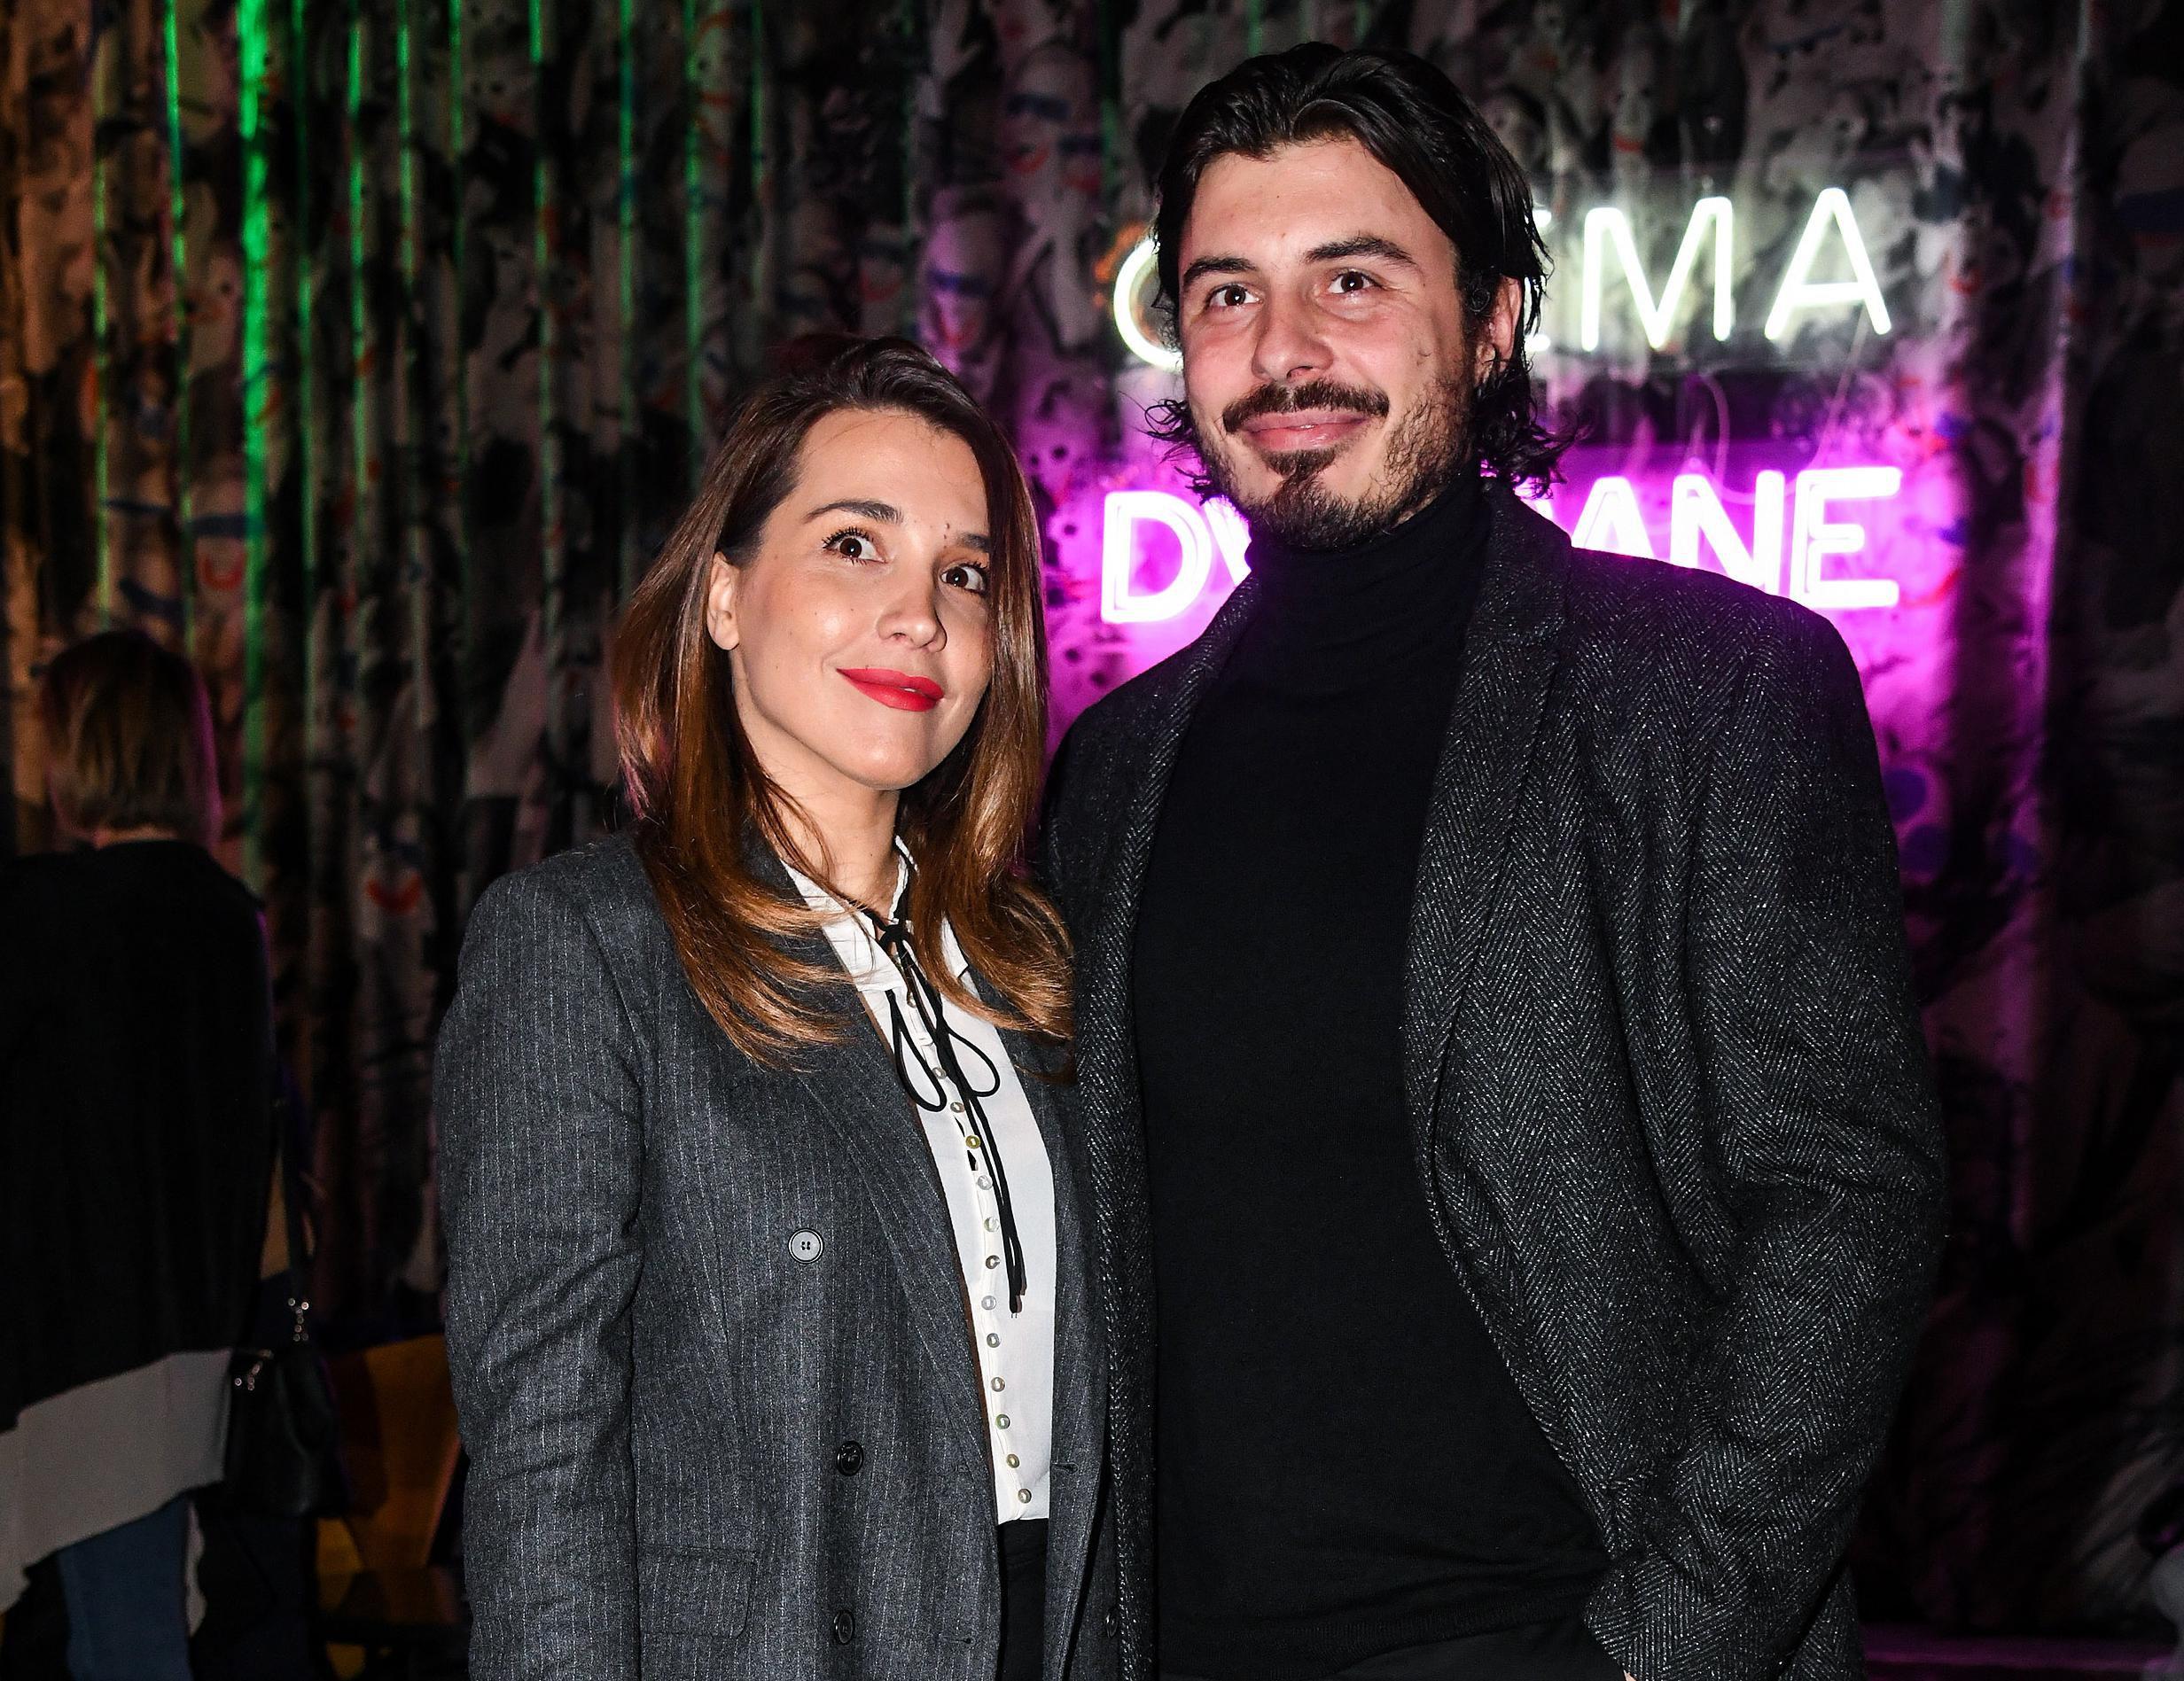 Inspirirajte se njima: Marijana Batinić i njezin suprug pravi su modni #couplegoals